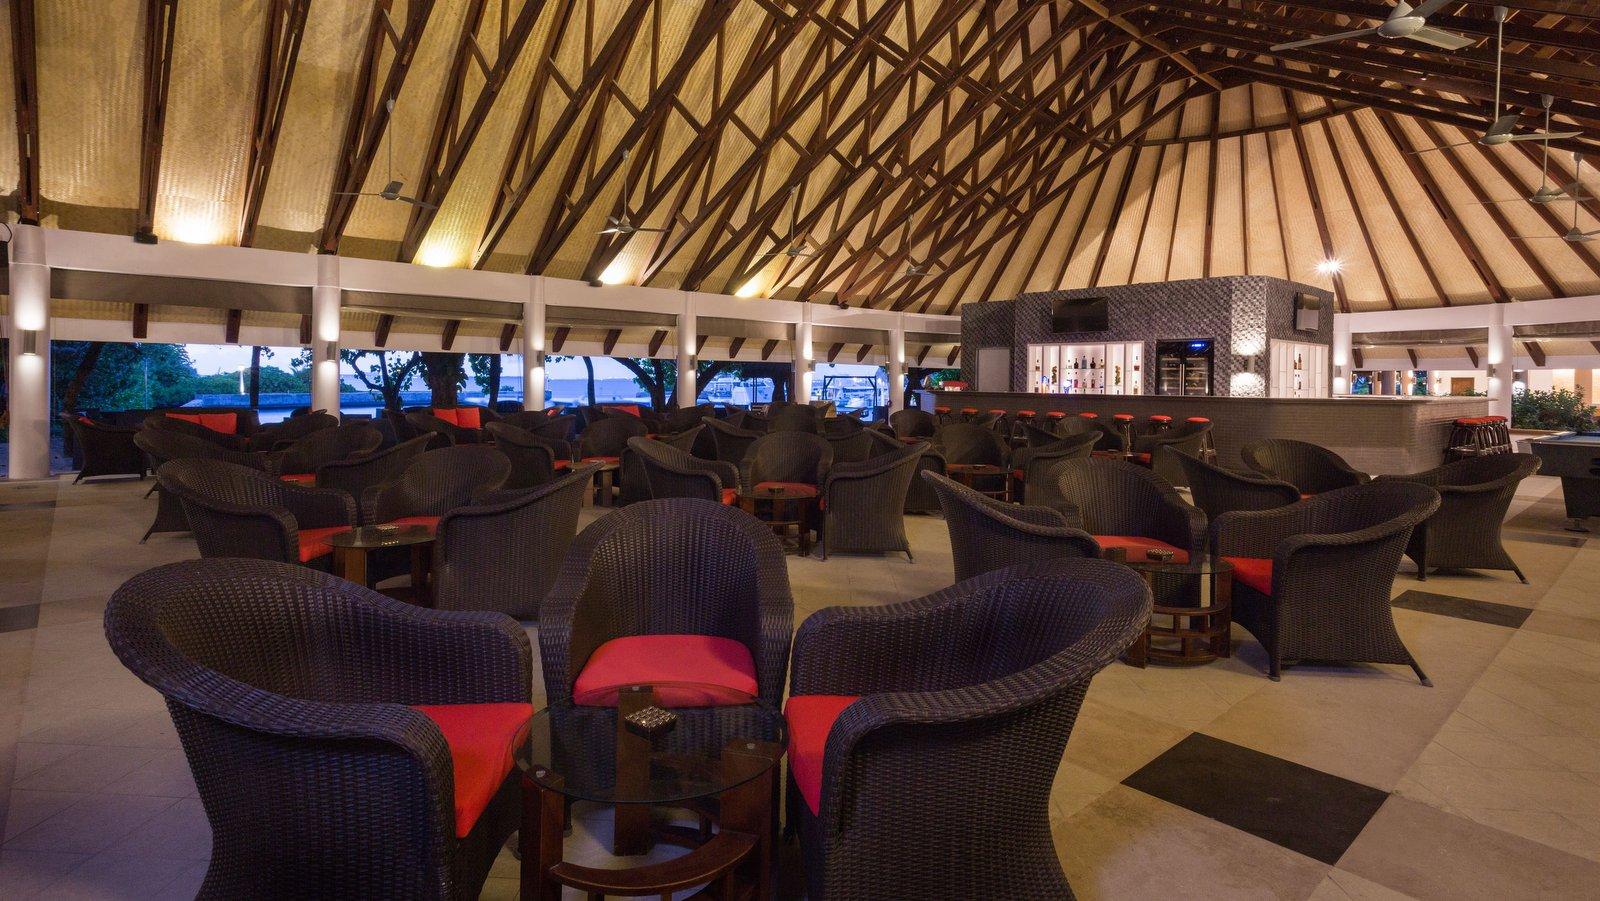 Мальдивы, отель Bandos Maldives, Sand Bar